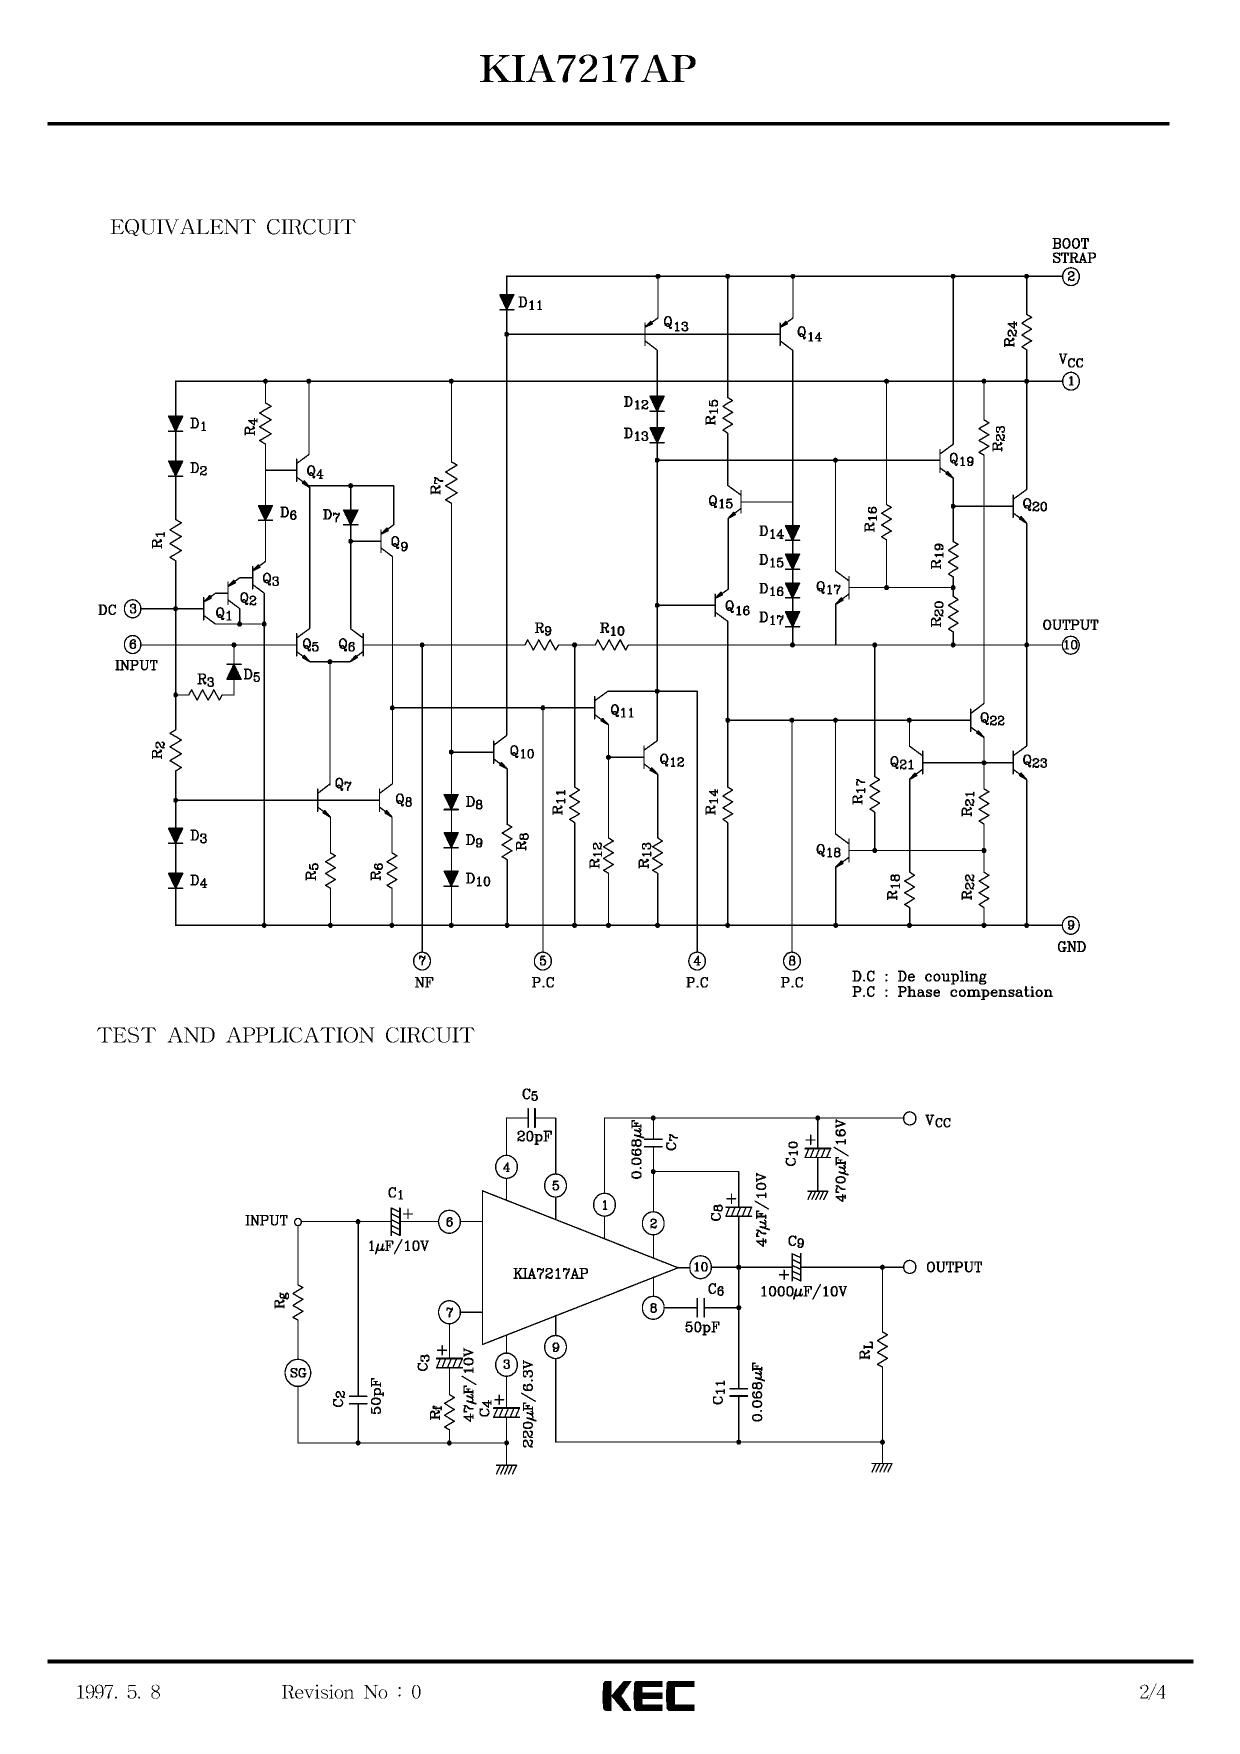 kia7217ap datasheet pdf   pinout